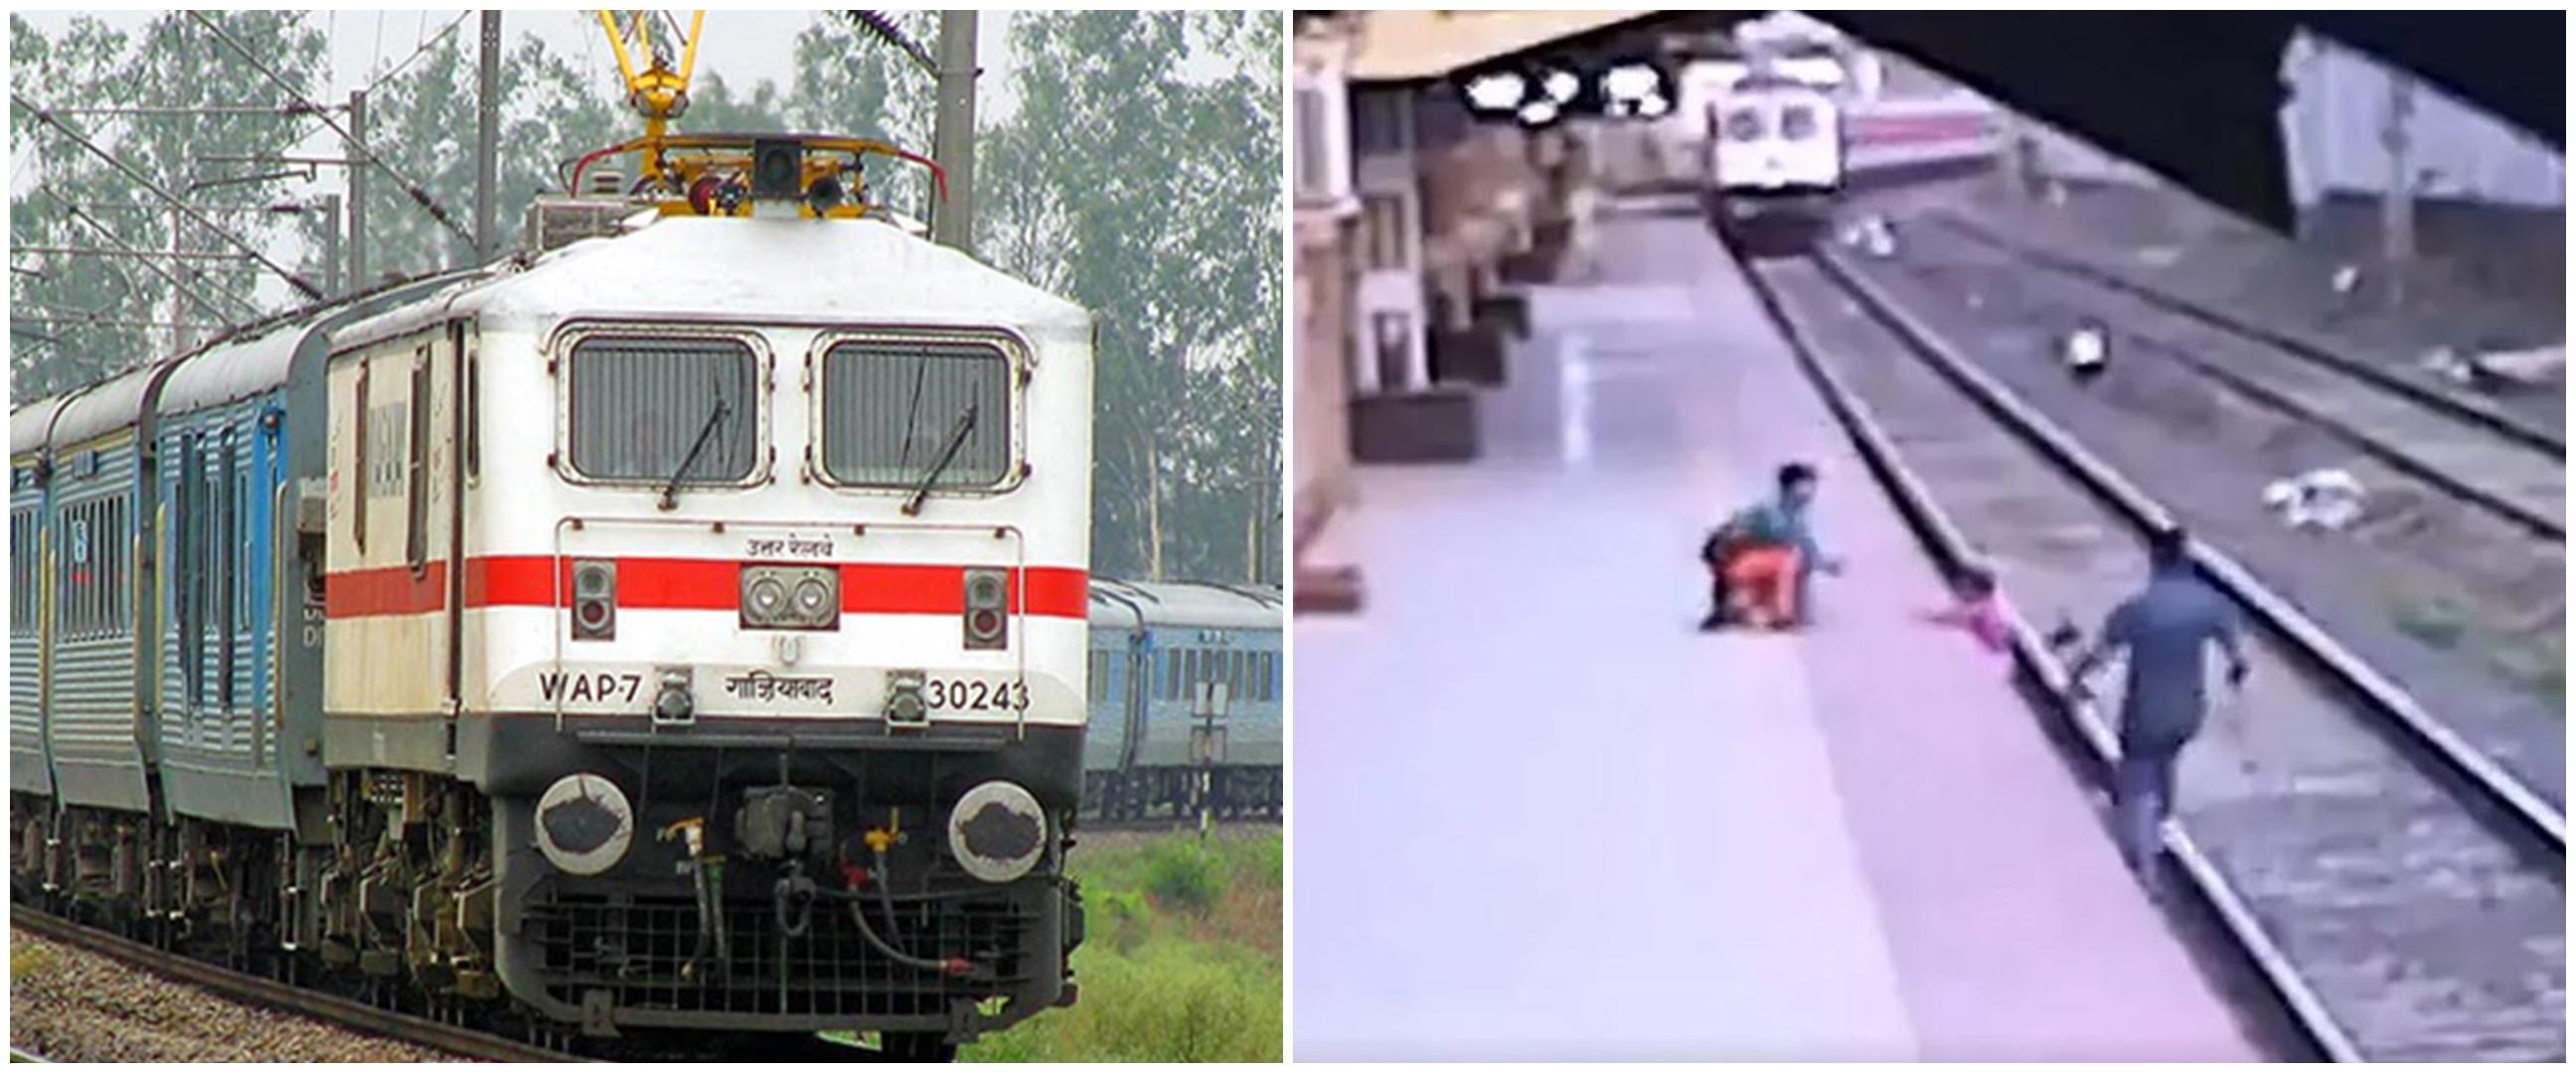 Aksi heroik pekerja kereta api selamatkan anak dari kecelakaan maut